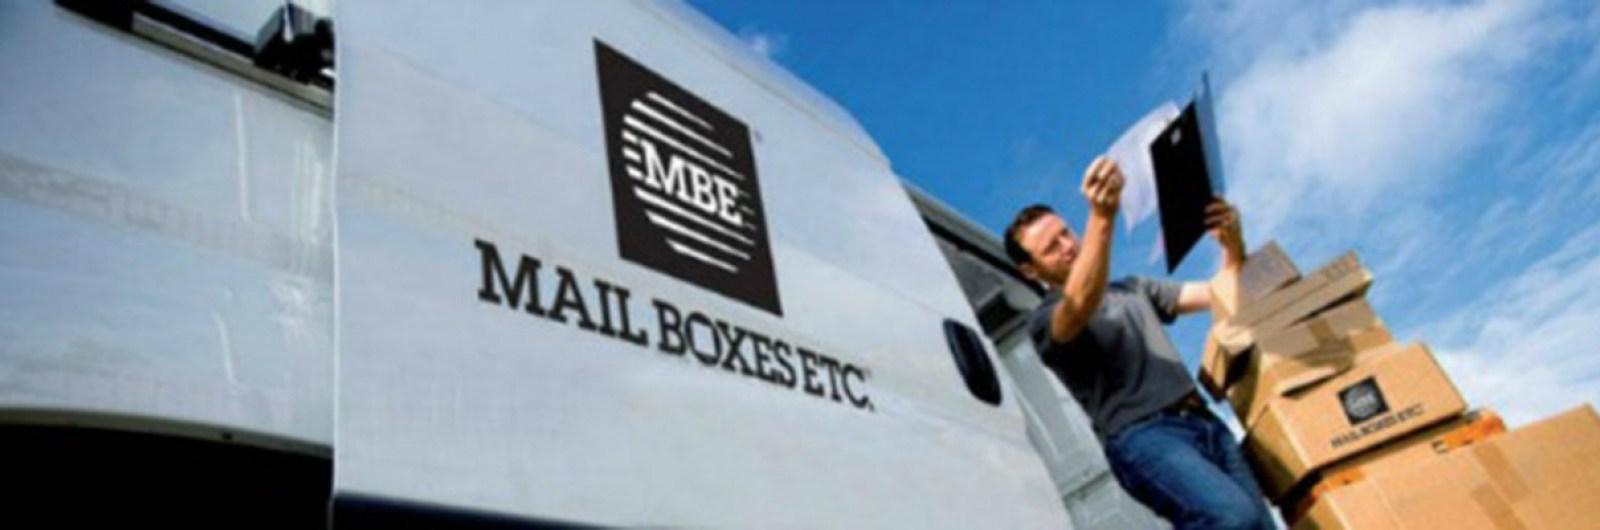 Mail Boxes Etc. fatura 410 milhões em 2015